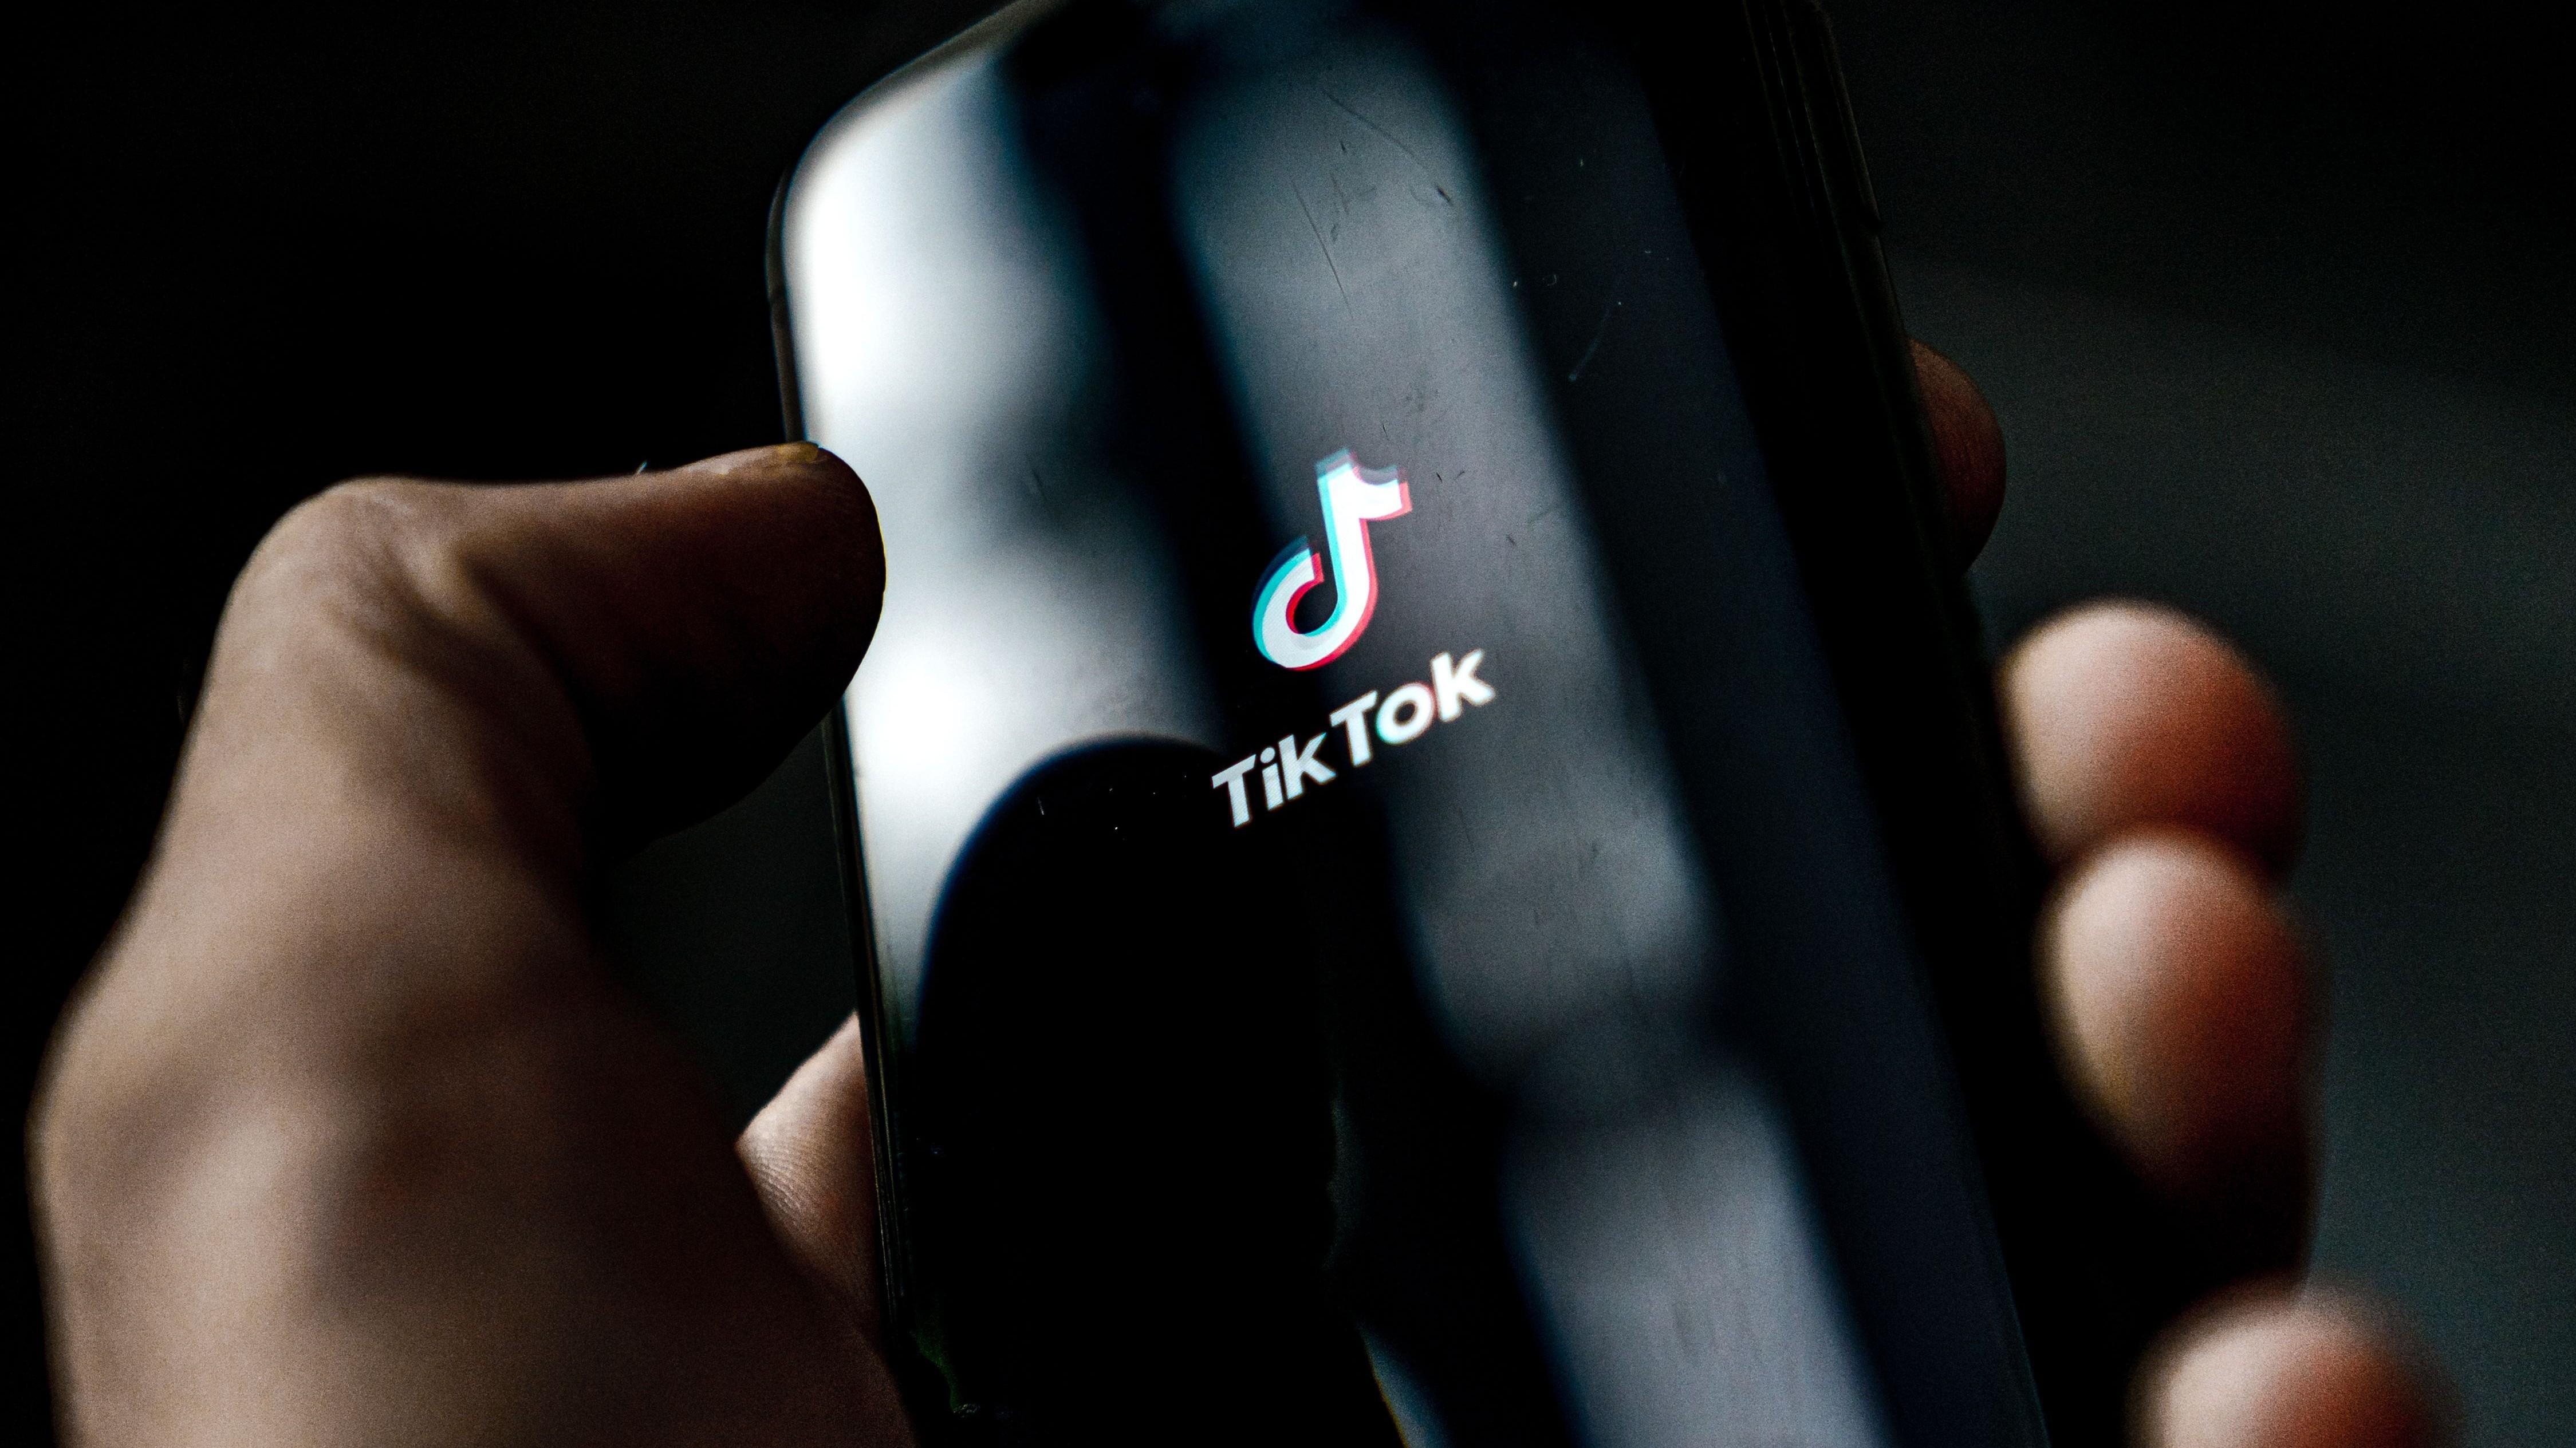 Warum TikTok für unsere Daten gefährlich ist